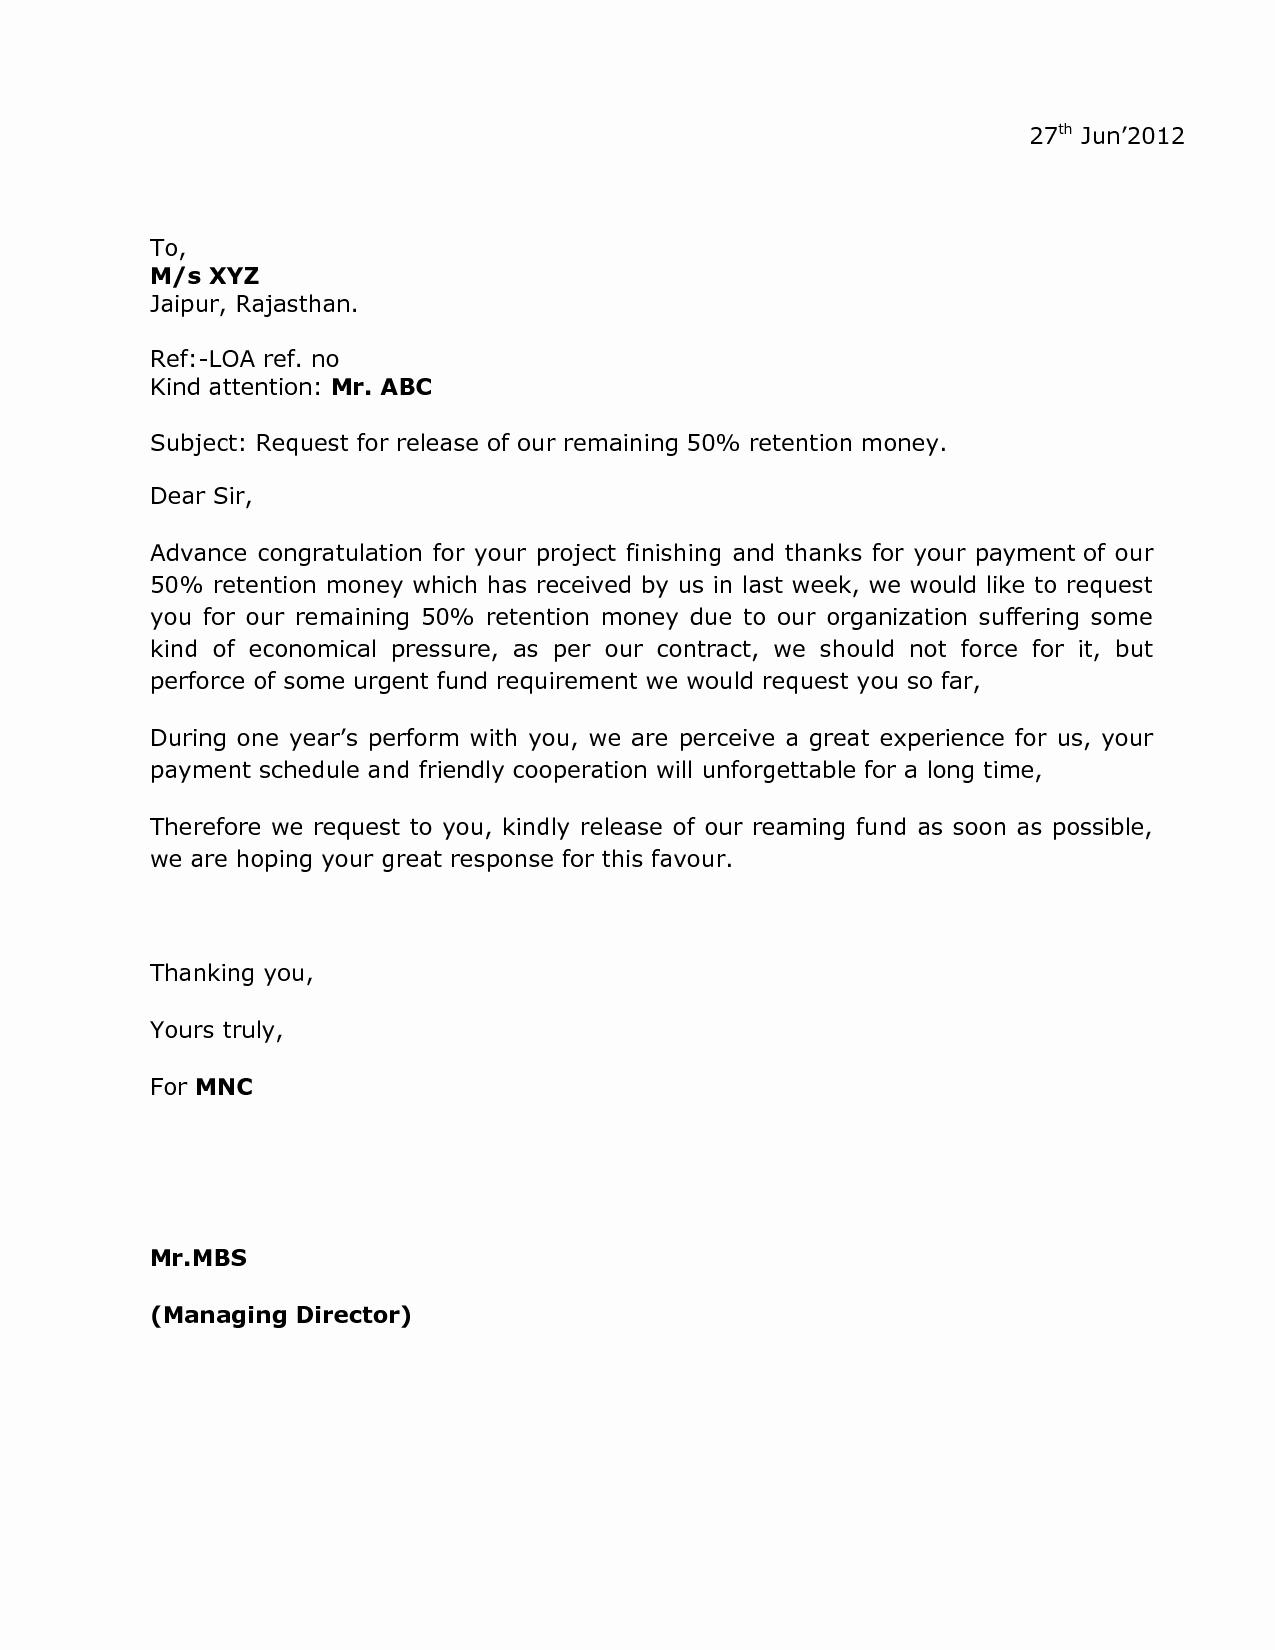 10 Best Of Sample Letter asking for Money